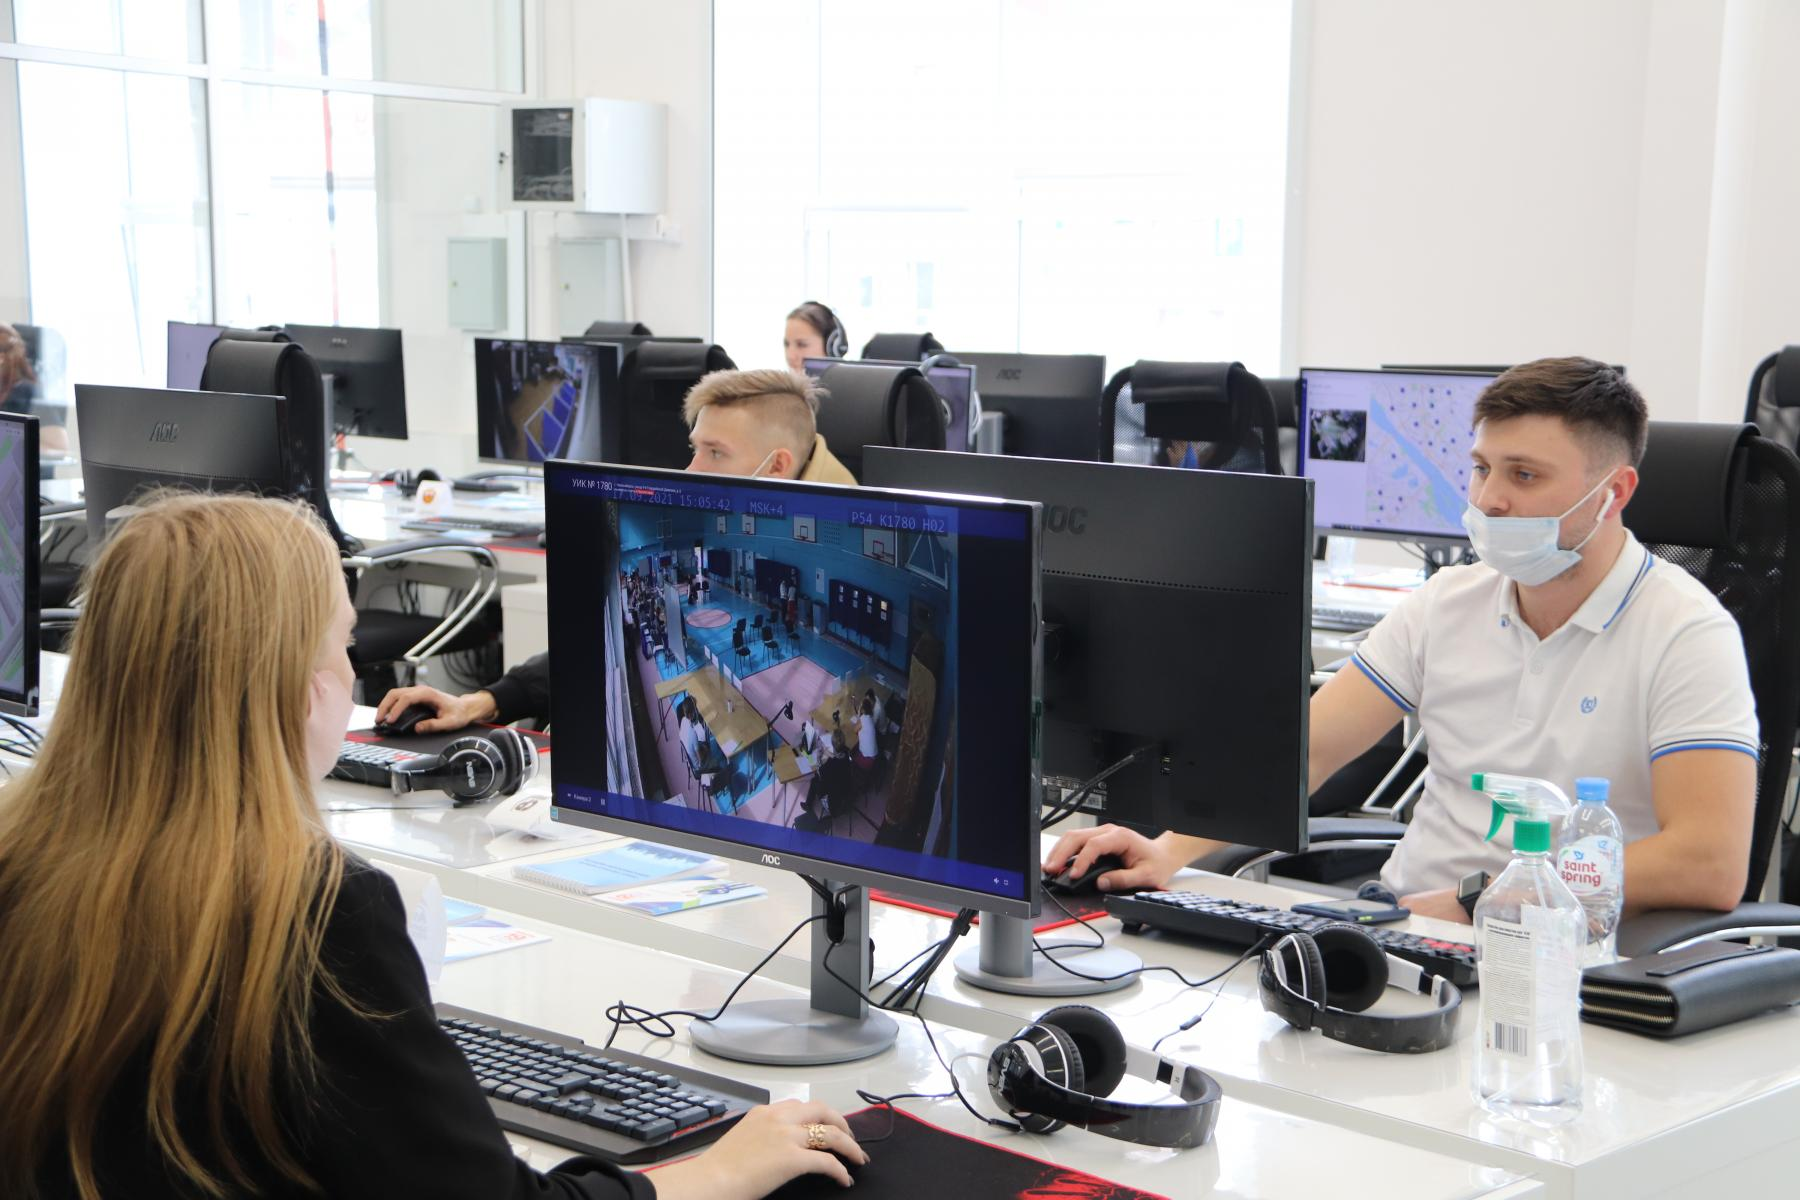 Фото Выборы в Новосибирске: онлайн дня голосования за депутатов Госдумы 19 сентября 2021 года 57